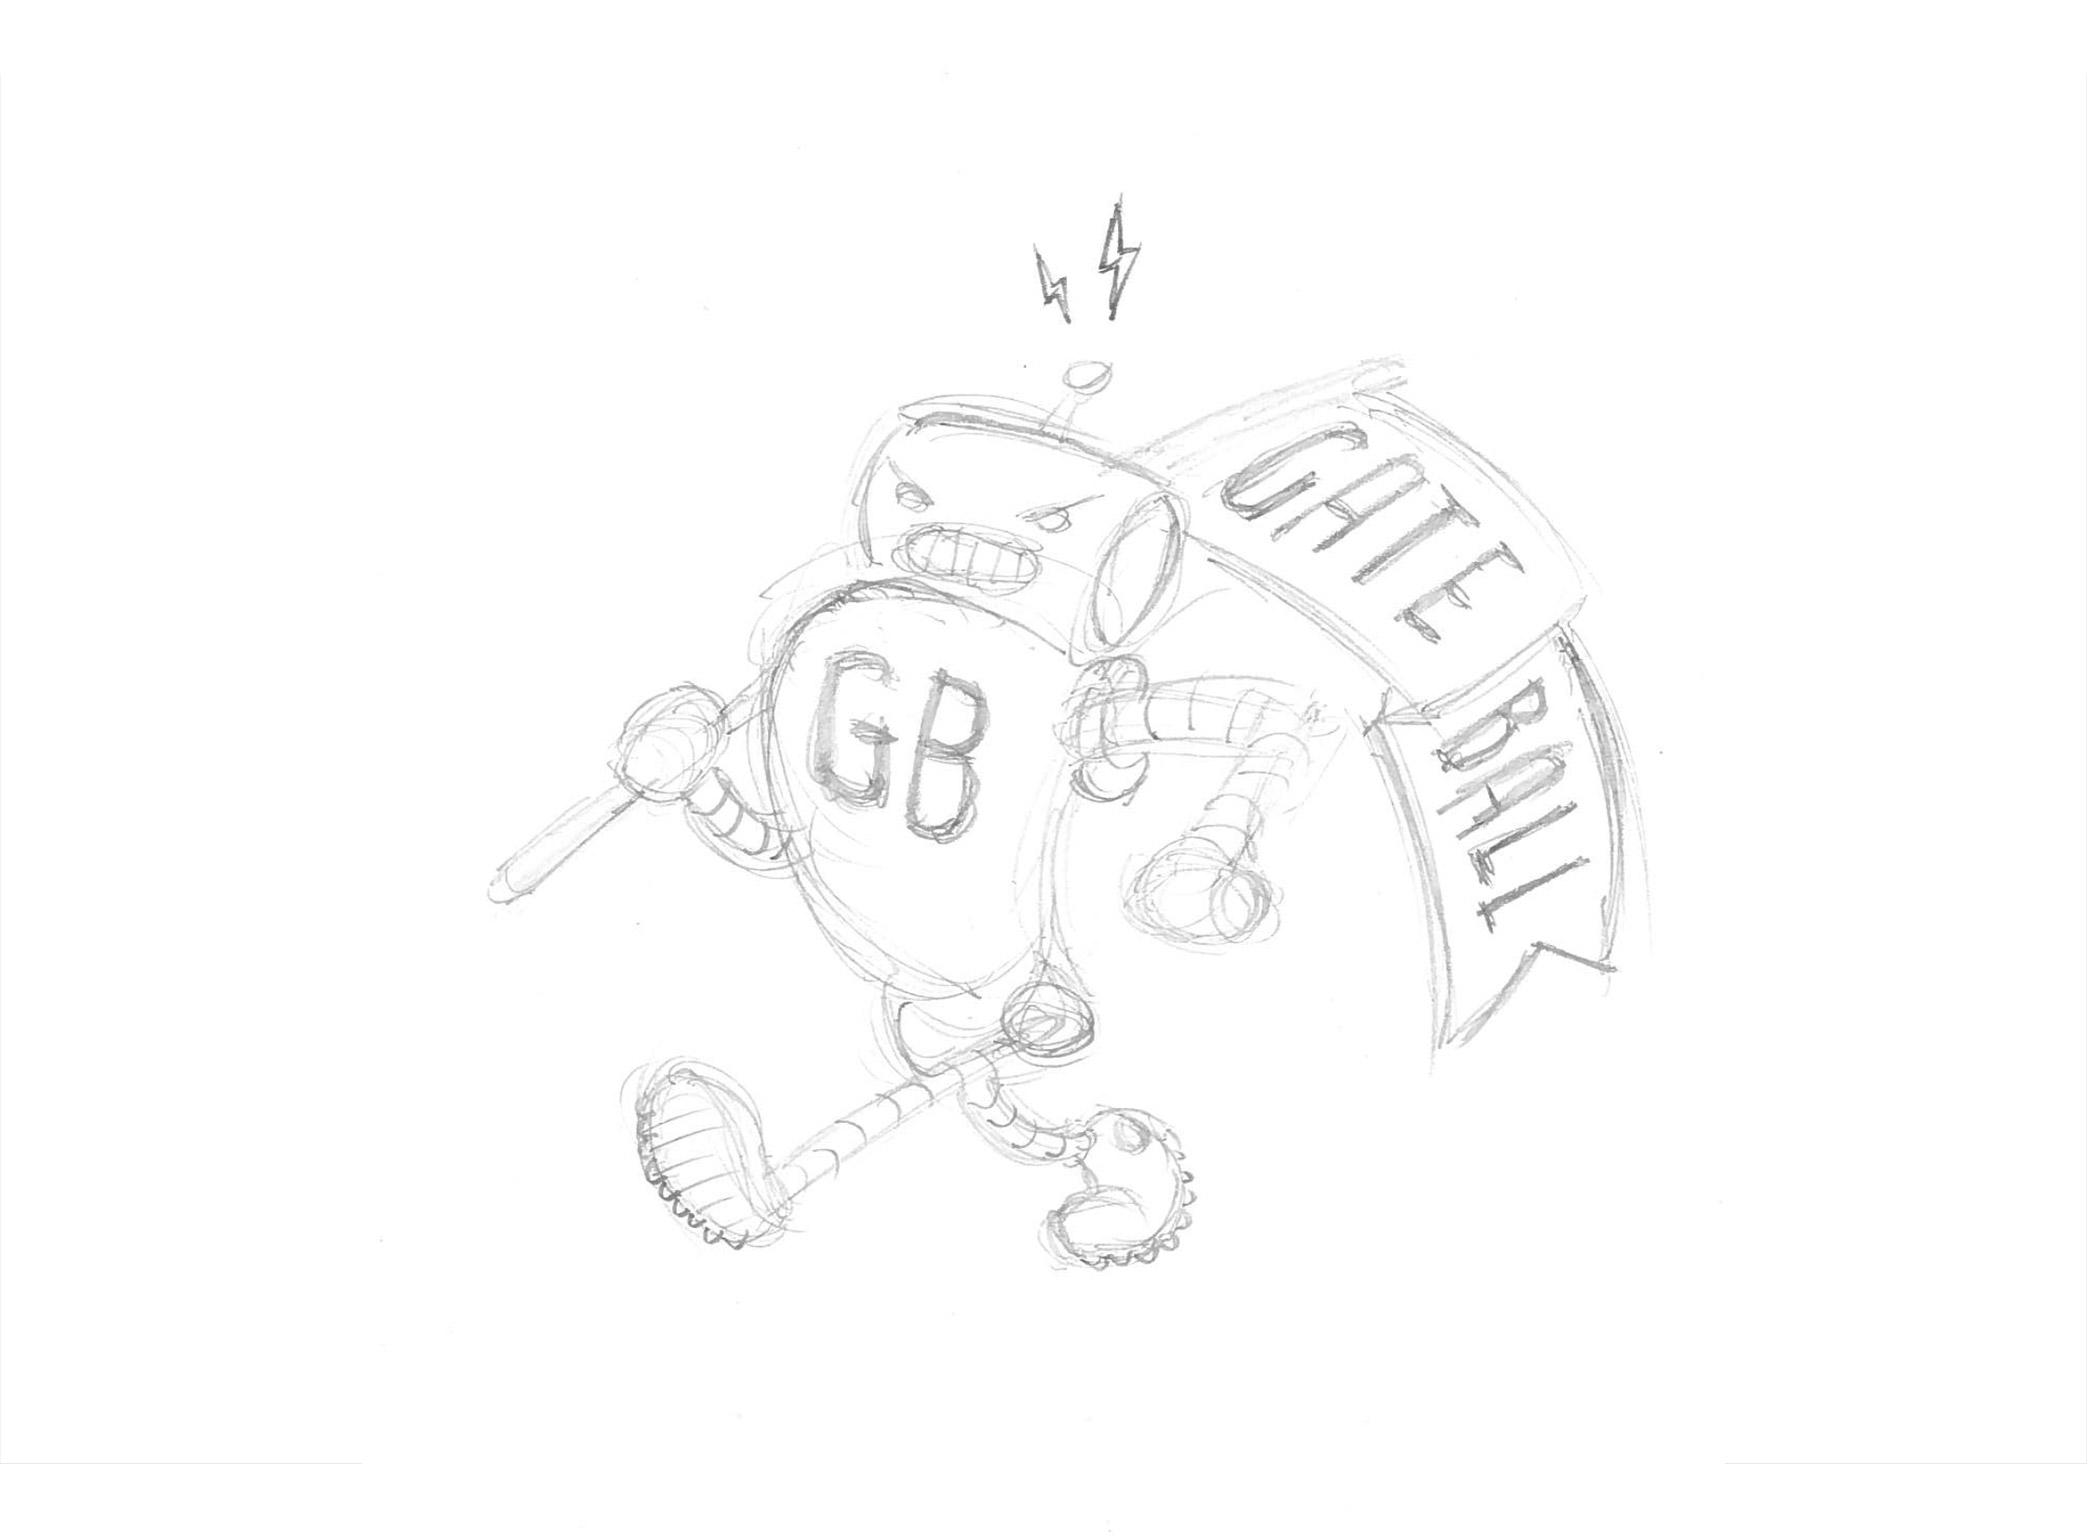 Gunner_Sketch